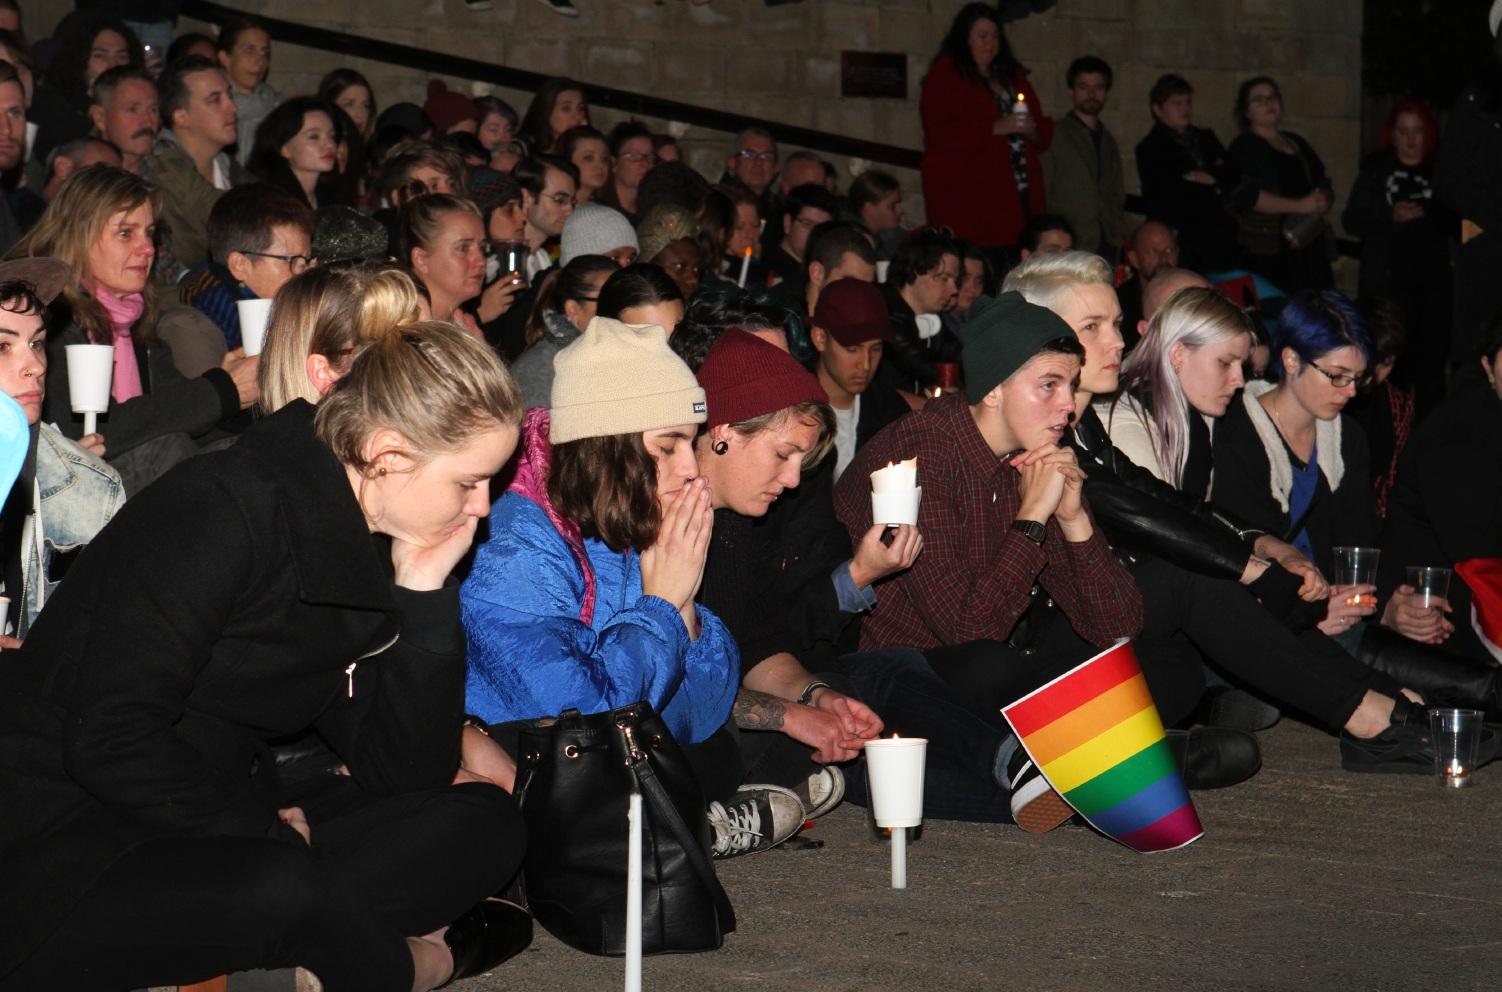 Orlando candle vigil. Pictures: Robin Kornet